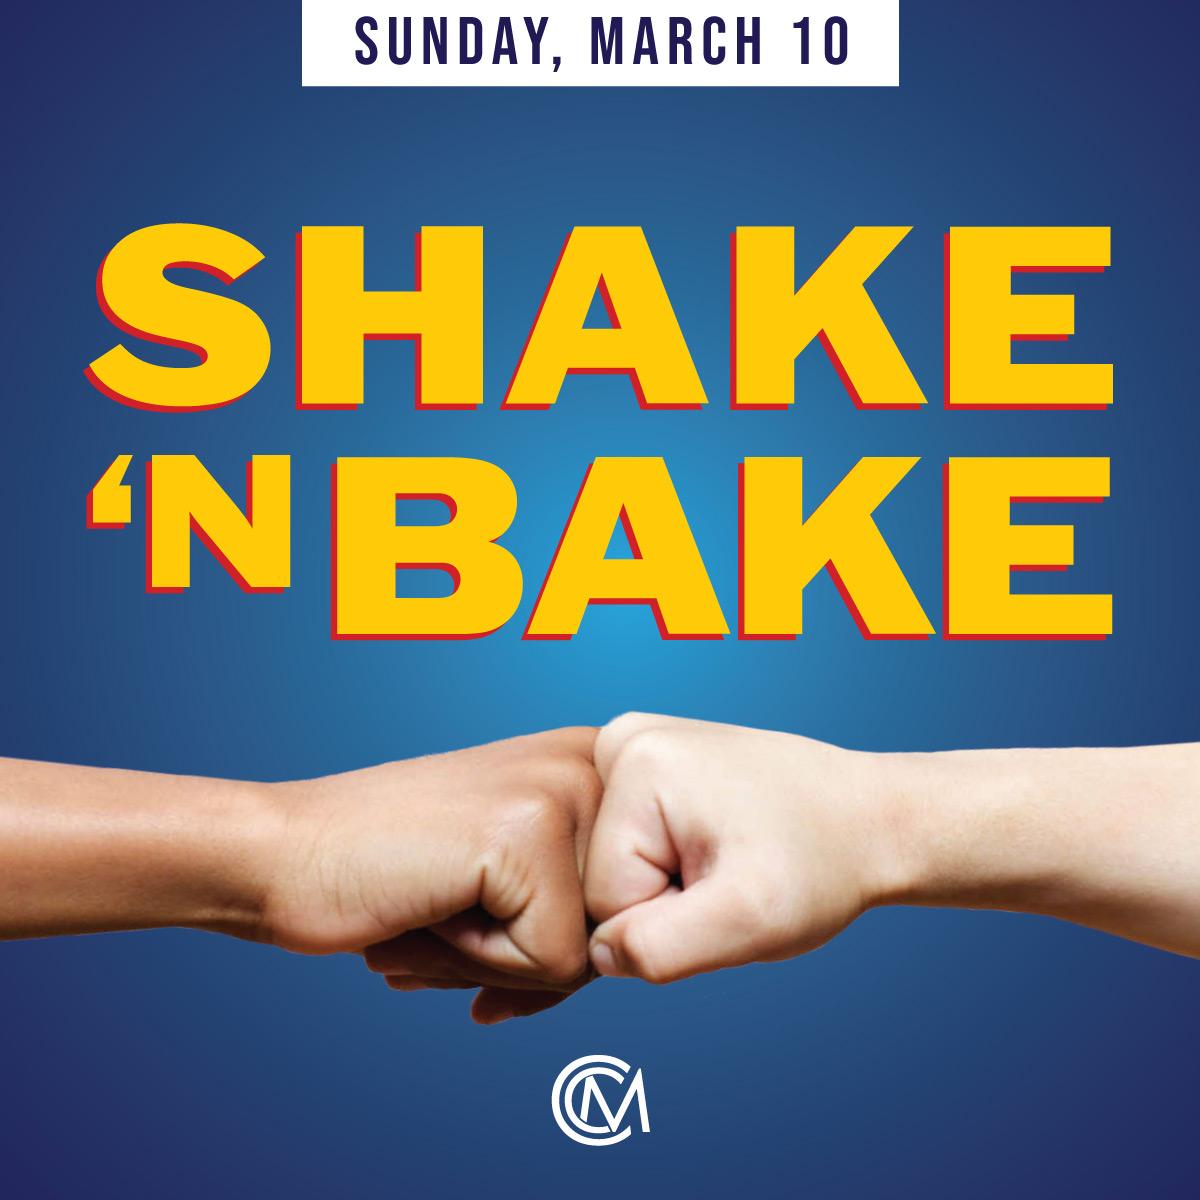 CCM-Shake&Bake-Mar10.jpg